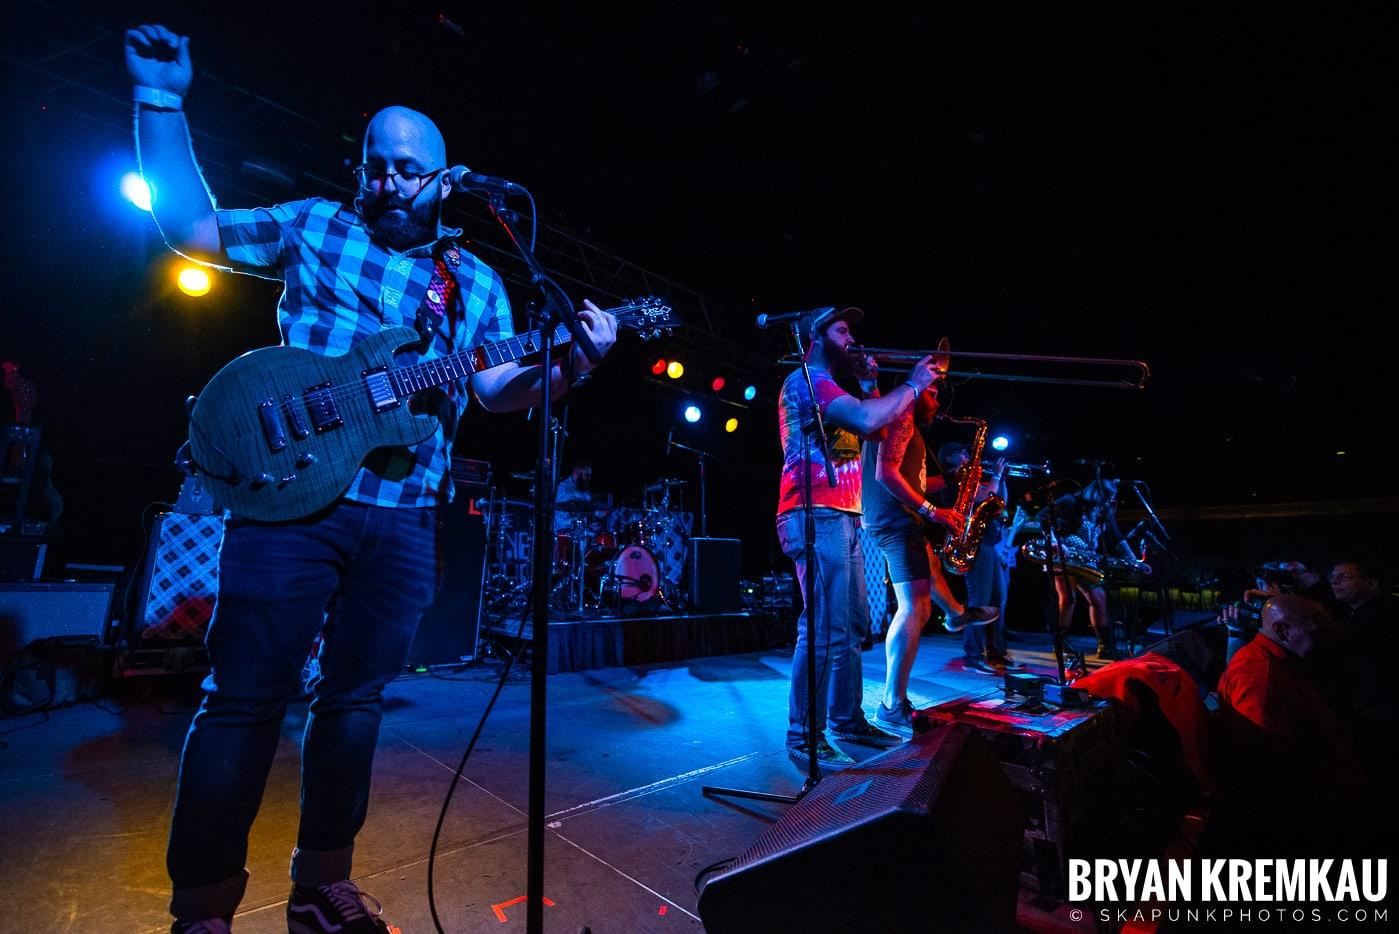 Backyard Superheroes @ Skanksgiving, Starland Ballroom, Sayreville, NJ - 11.30.19 (36)